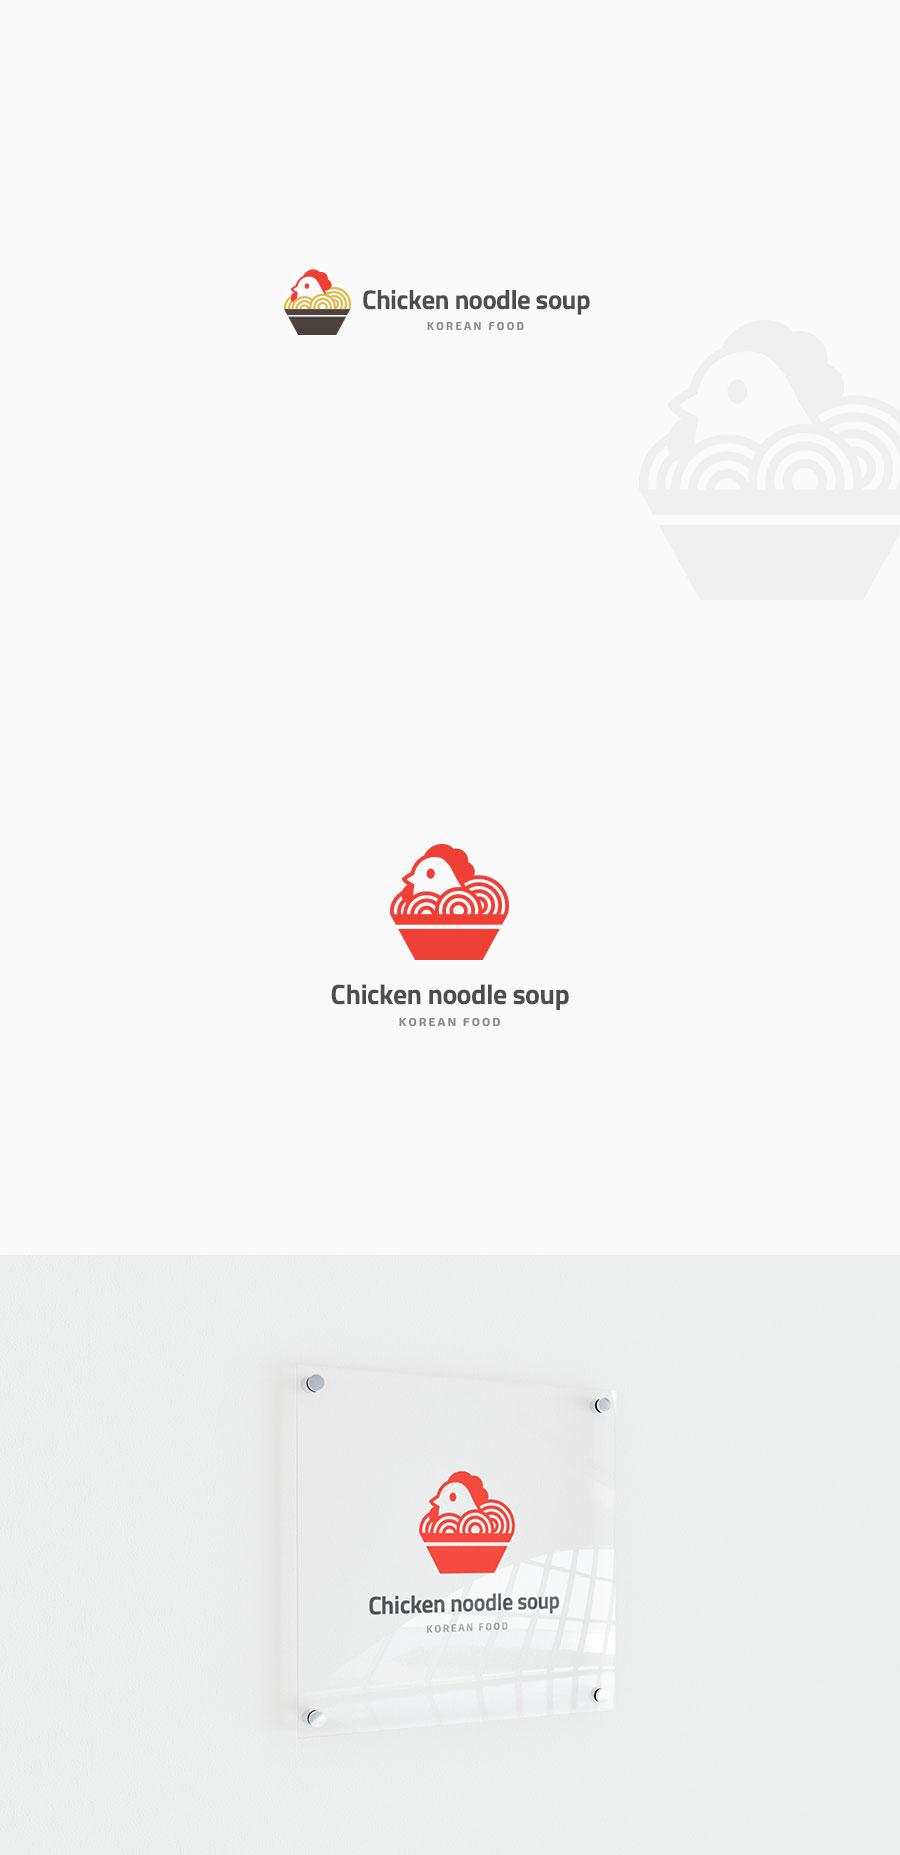 닭국수 동물 닭 로고 전시관